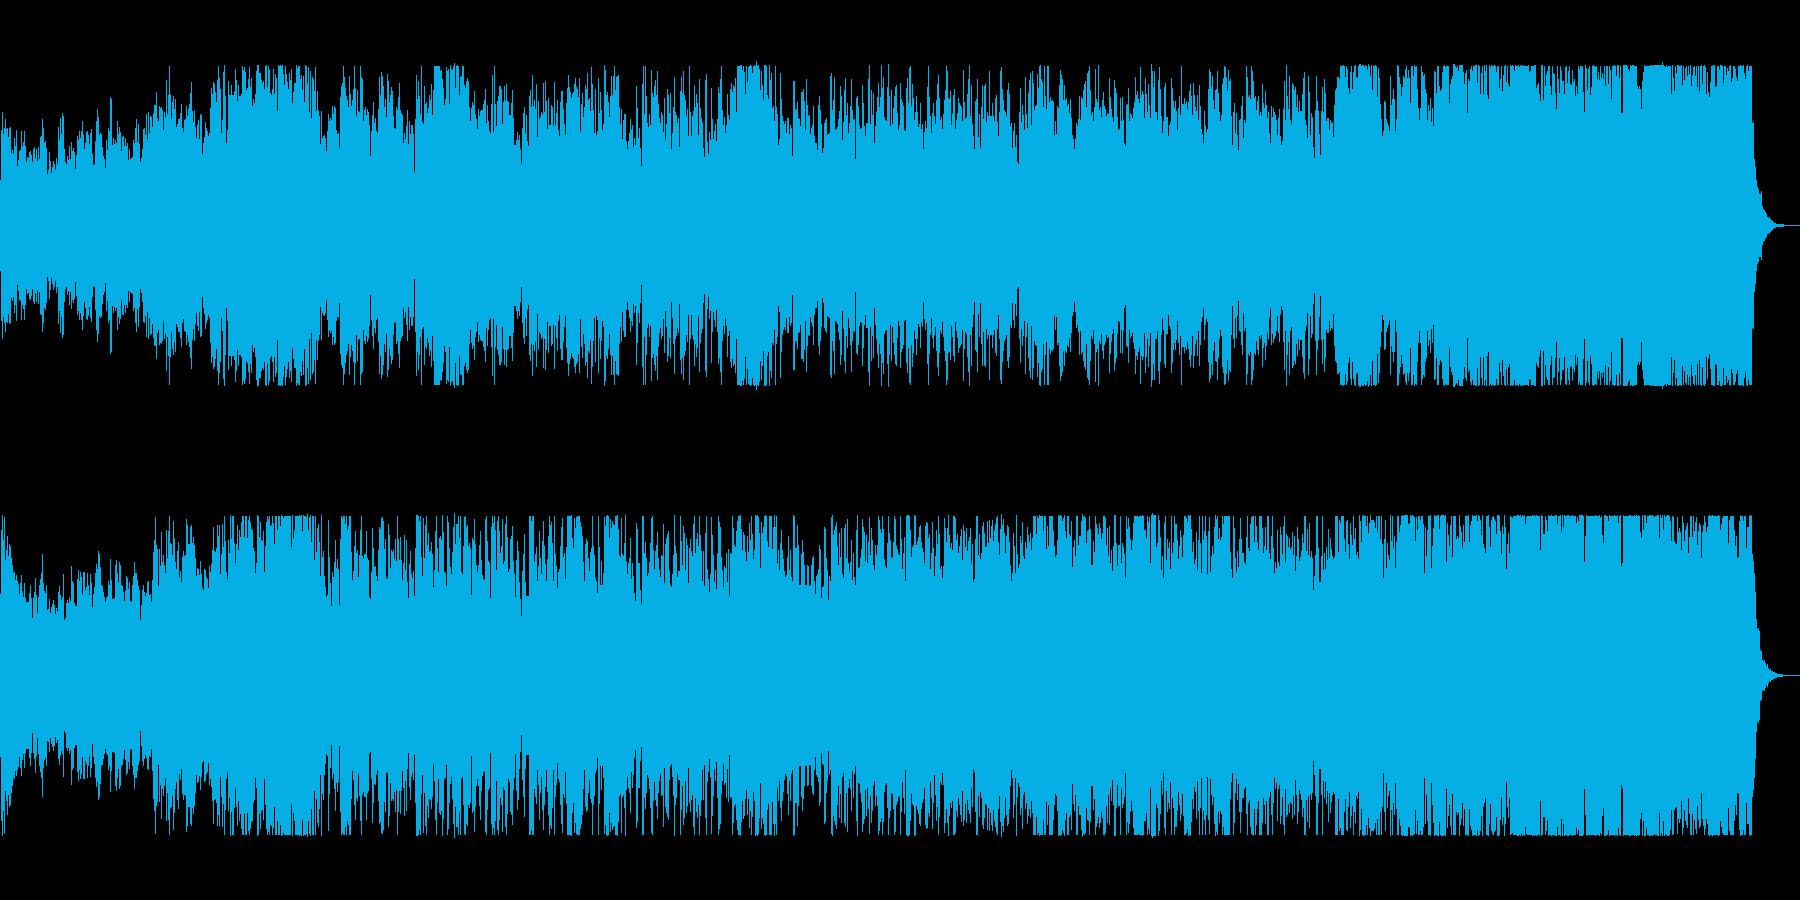 勢いと華やかな管打楽器シンセサウンドの再生済みの波形